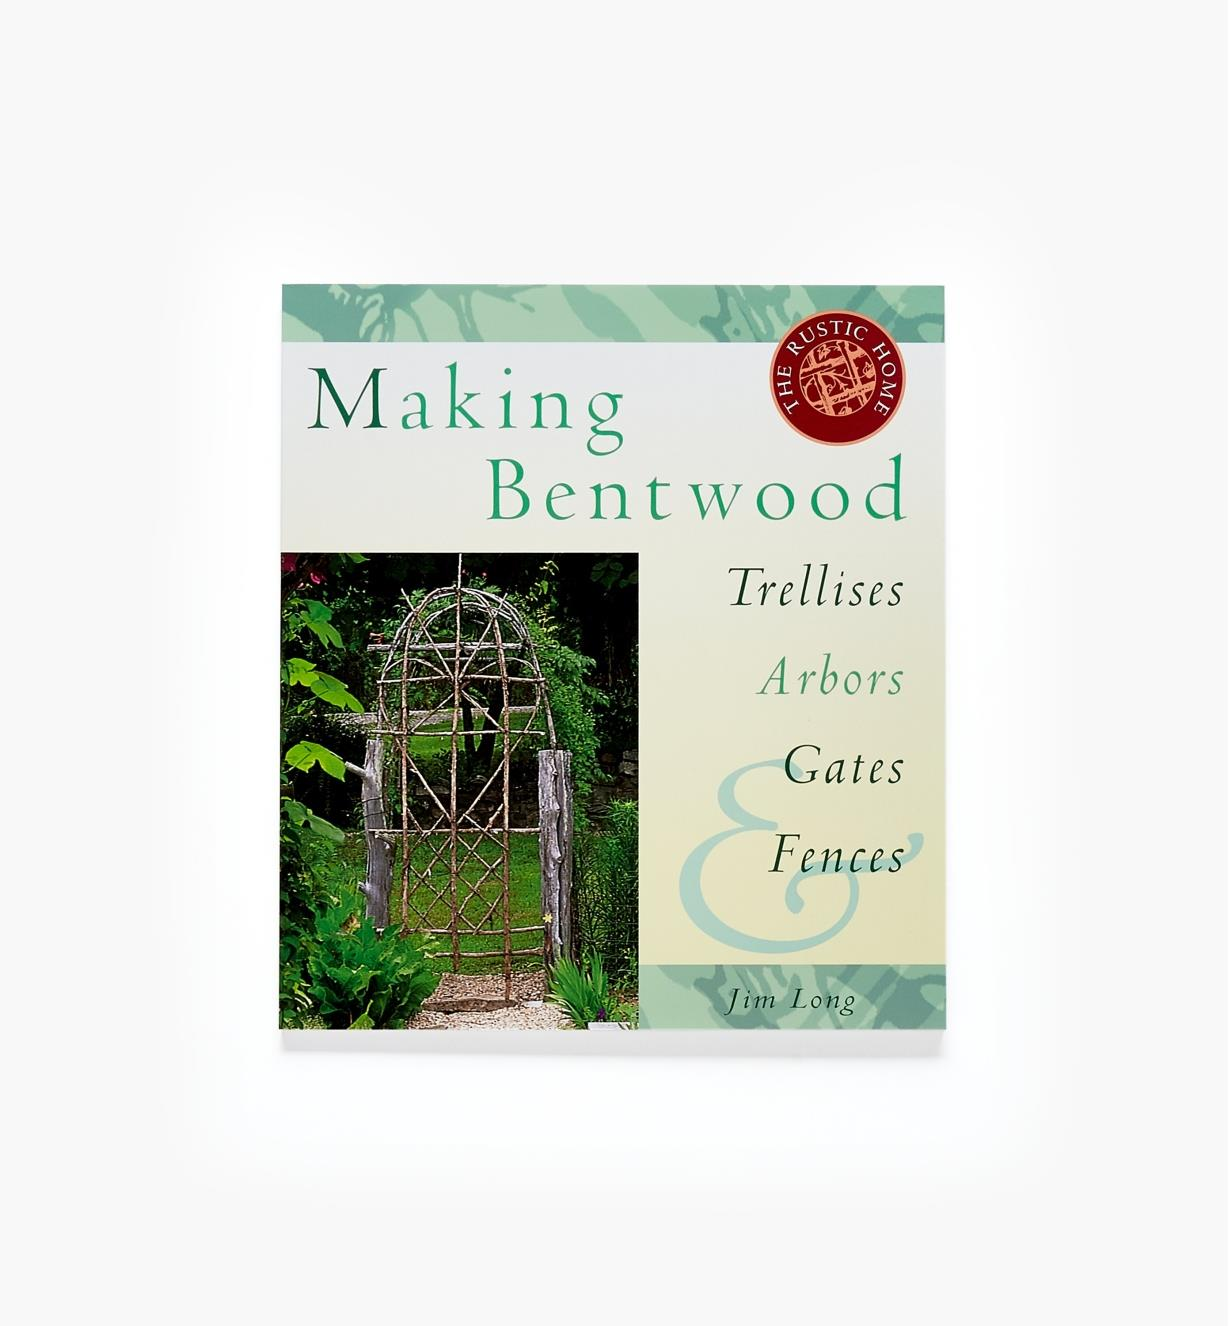 49L0905 - Making Bentwood Trellises